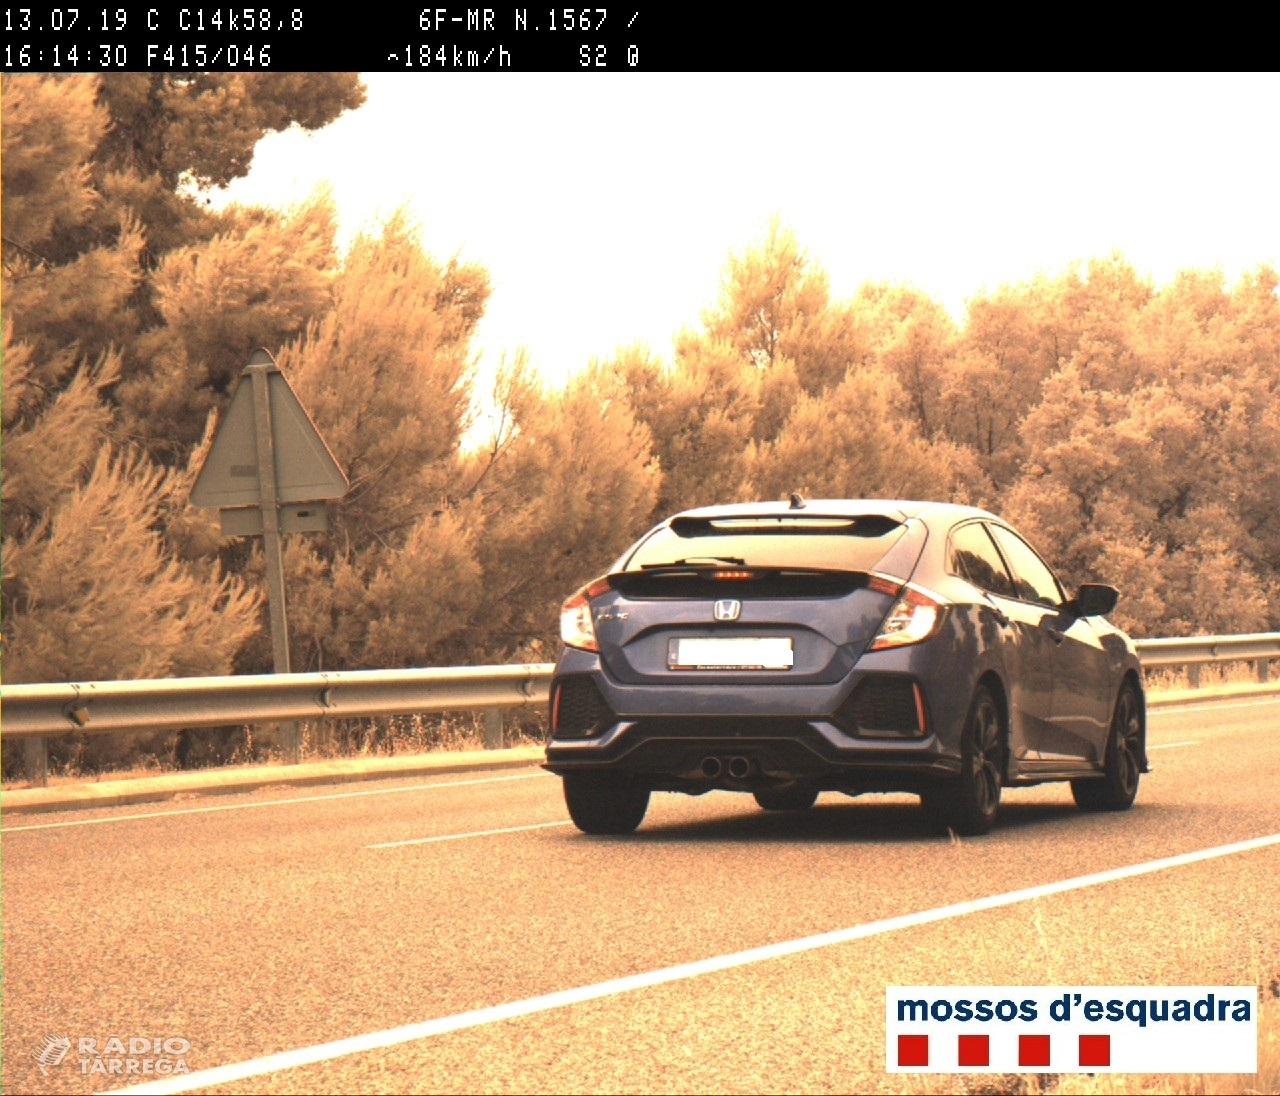 Els Mossos d'Esquadra denuncien penalment un conductor per circular a 184 Km/h per la C-14 a l'Urgell